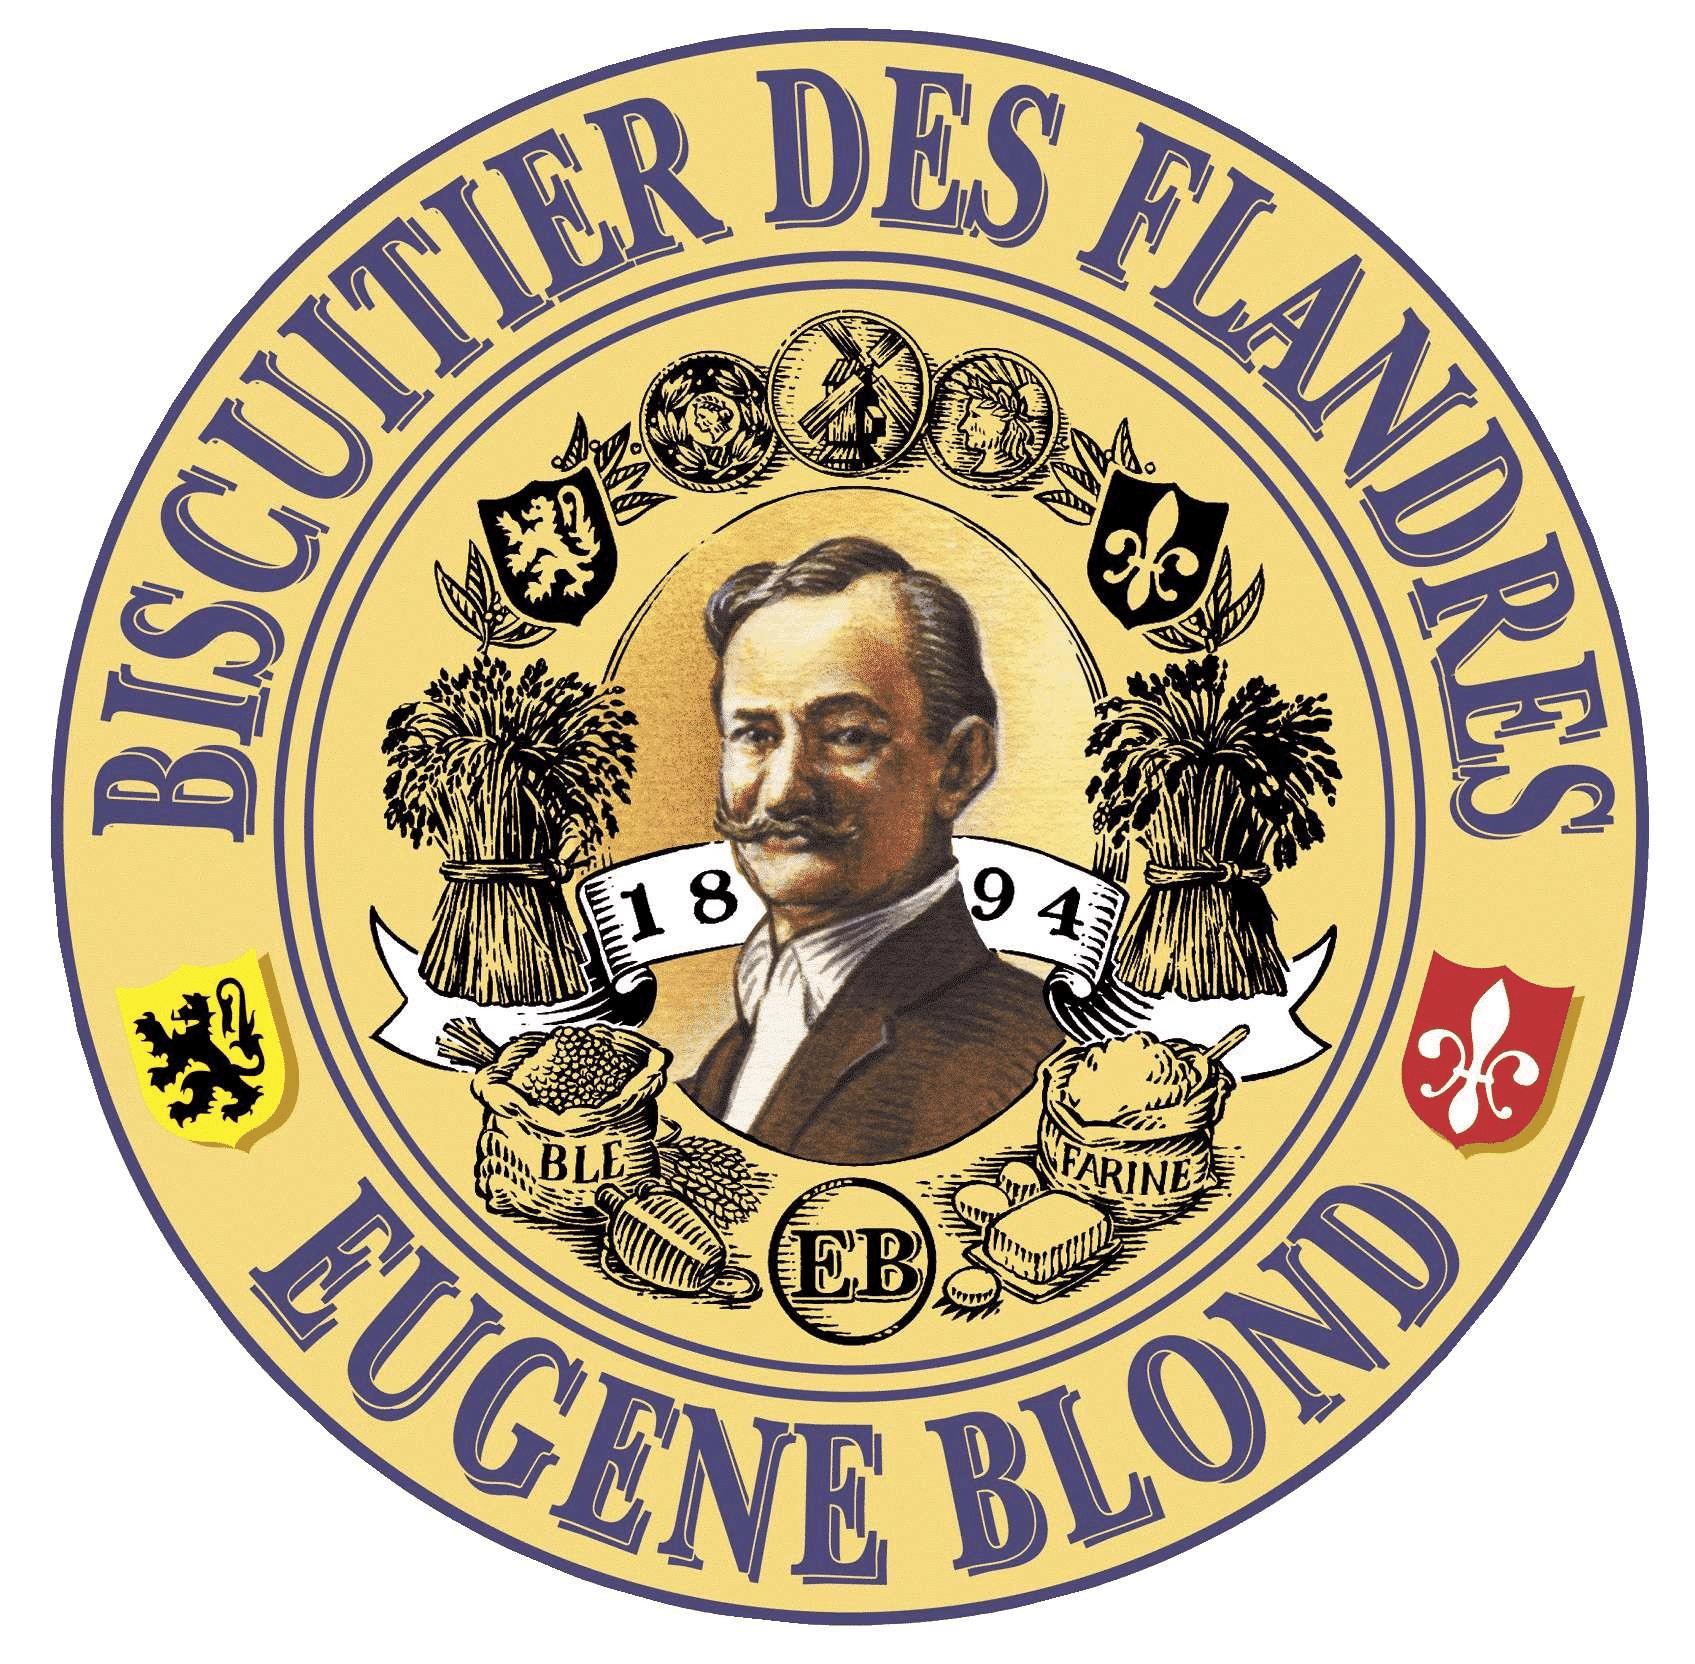 Eugene Blond